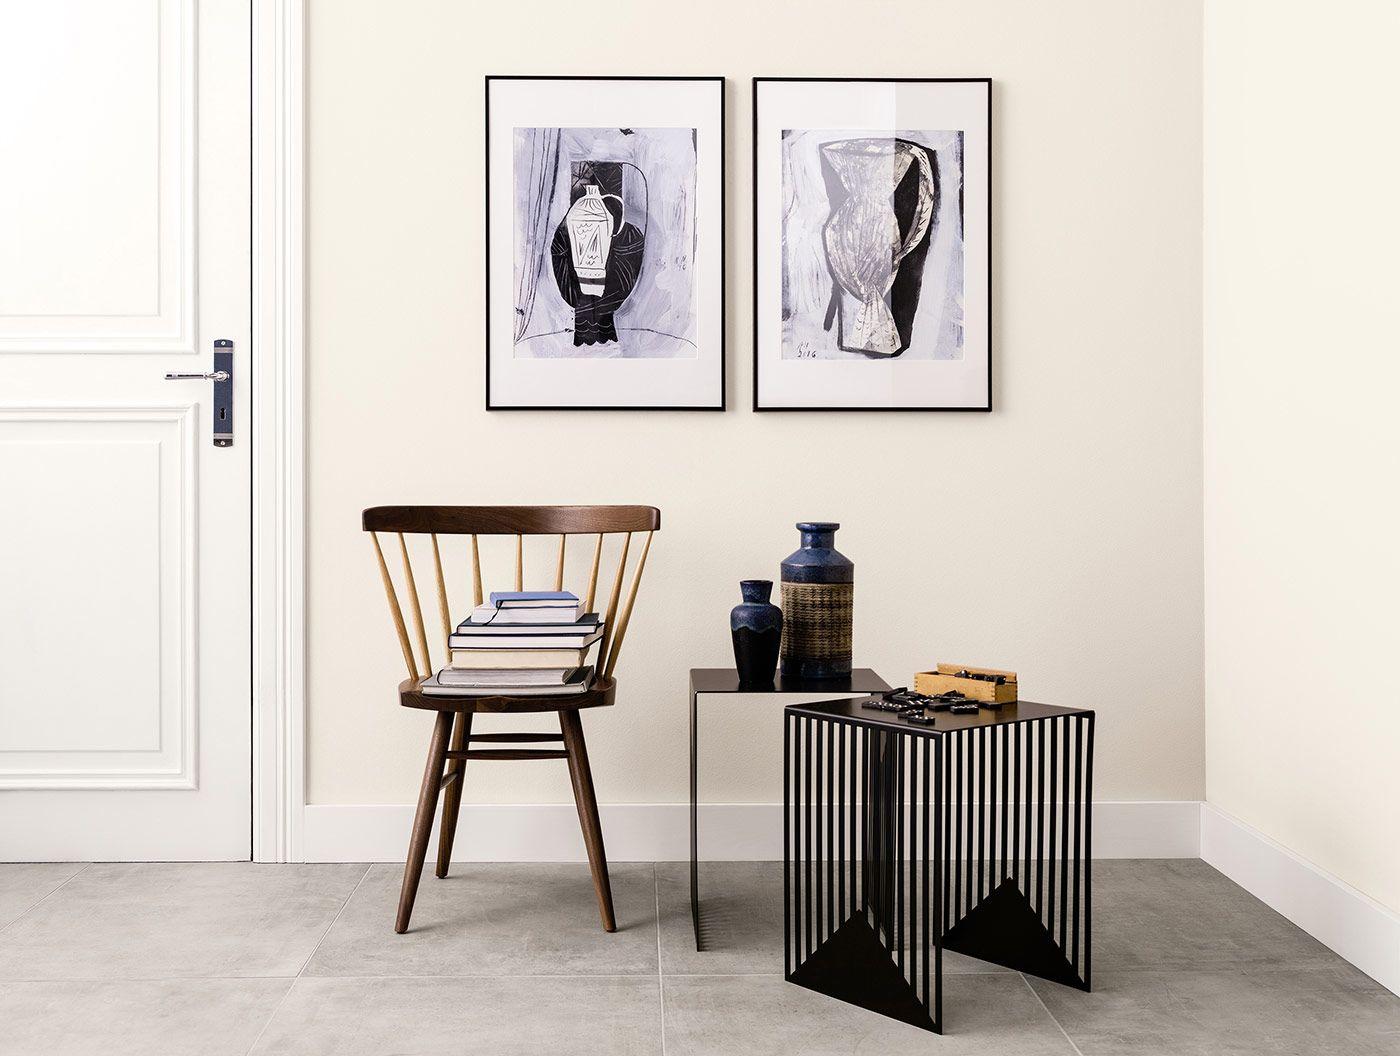 Wandfarbe Altrosa Schner Wohnen  Wohndesign